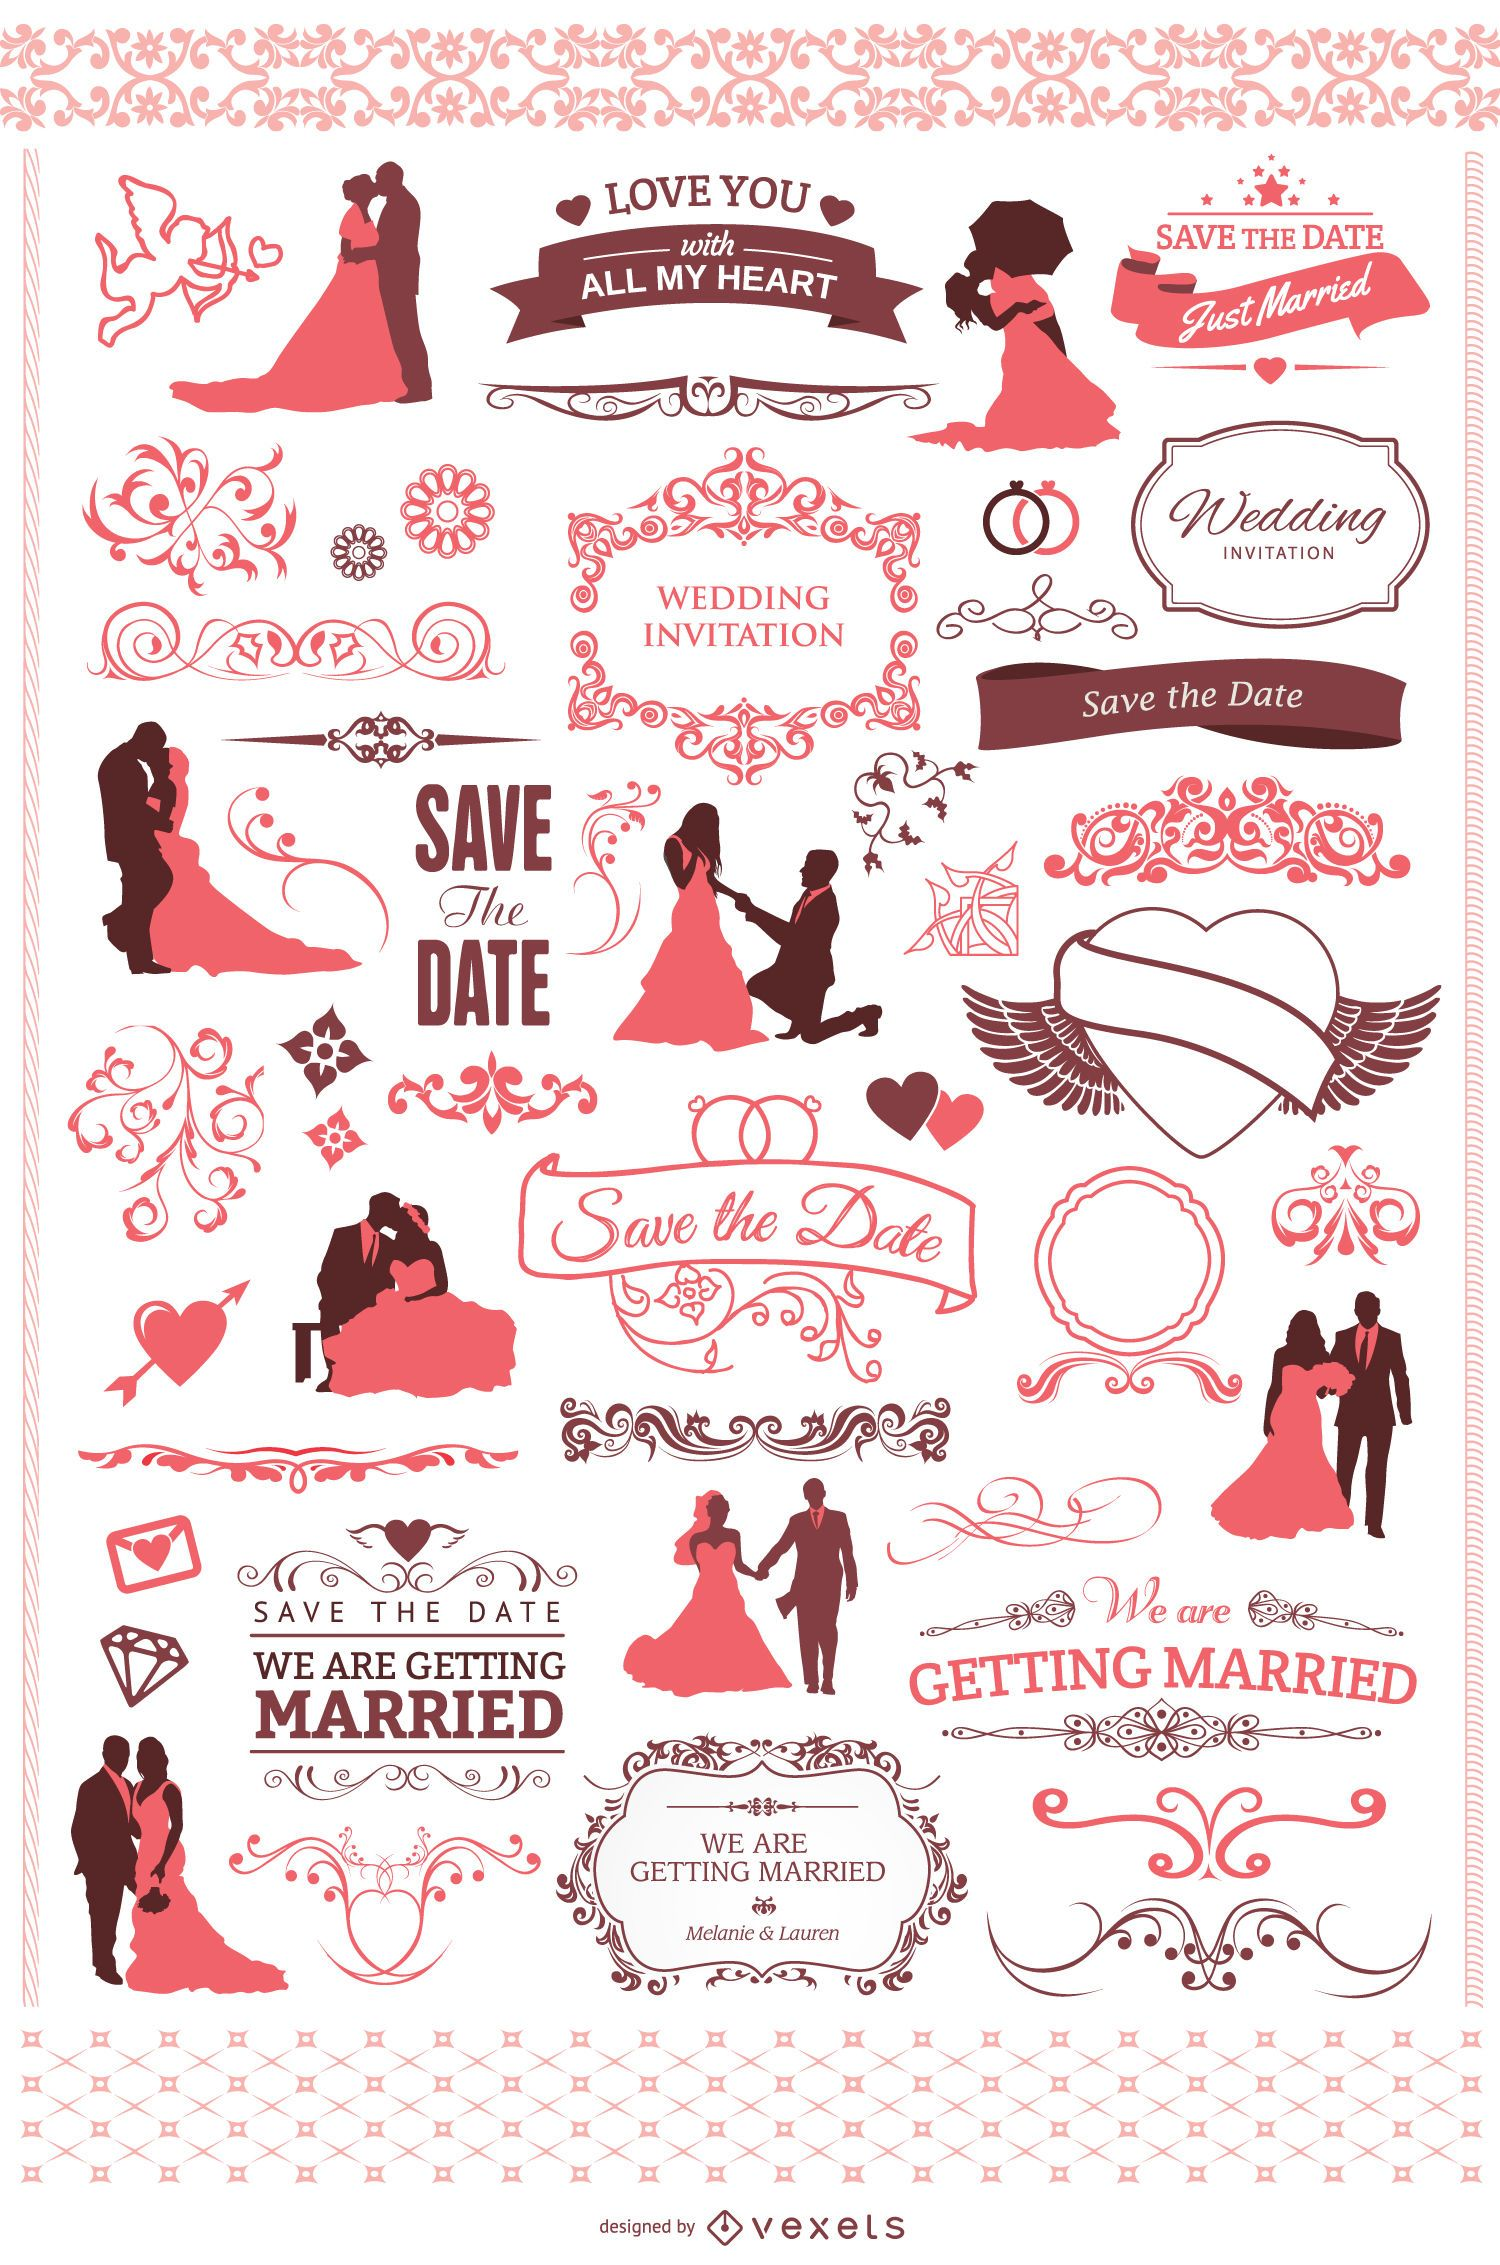 60 elementos de boda geniales para tu invitaci?n